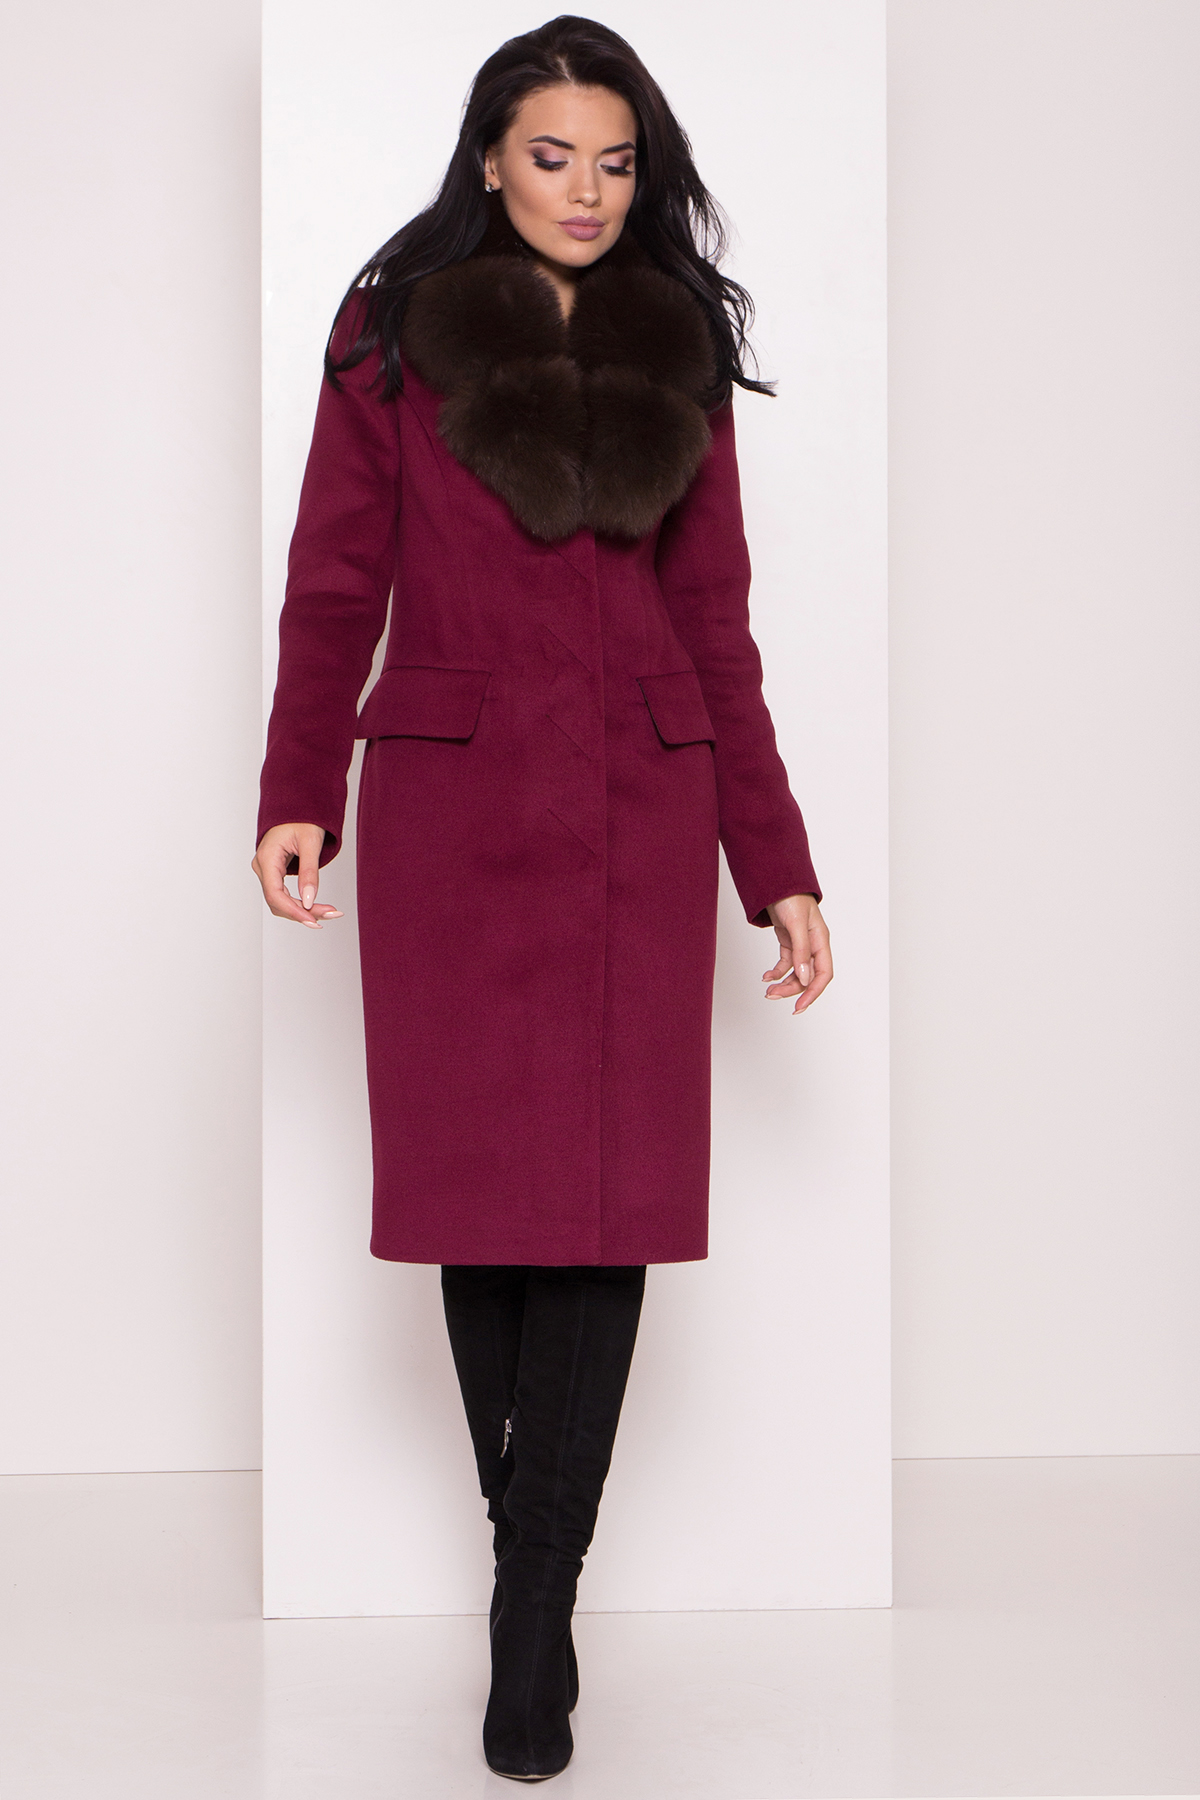 Кашемировое зимнее пальто Лабио 8154 АРТ. 44108 Цвет: Марсала 2 - фото 3, интернет магазин tm-modus.ru